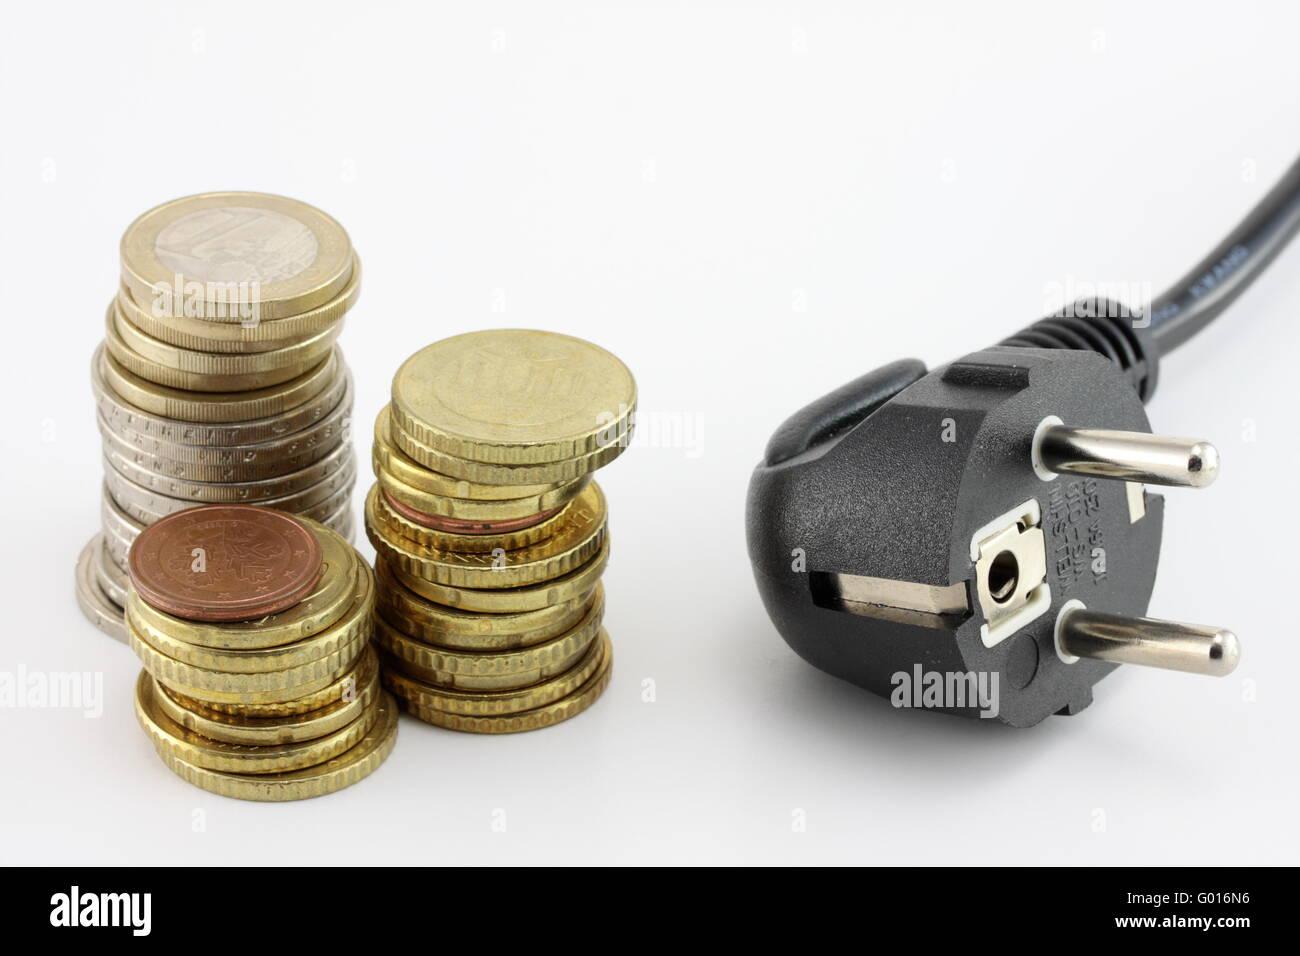 Münzen und einen Stecker als Symbol für Energiekosten Stockbild